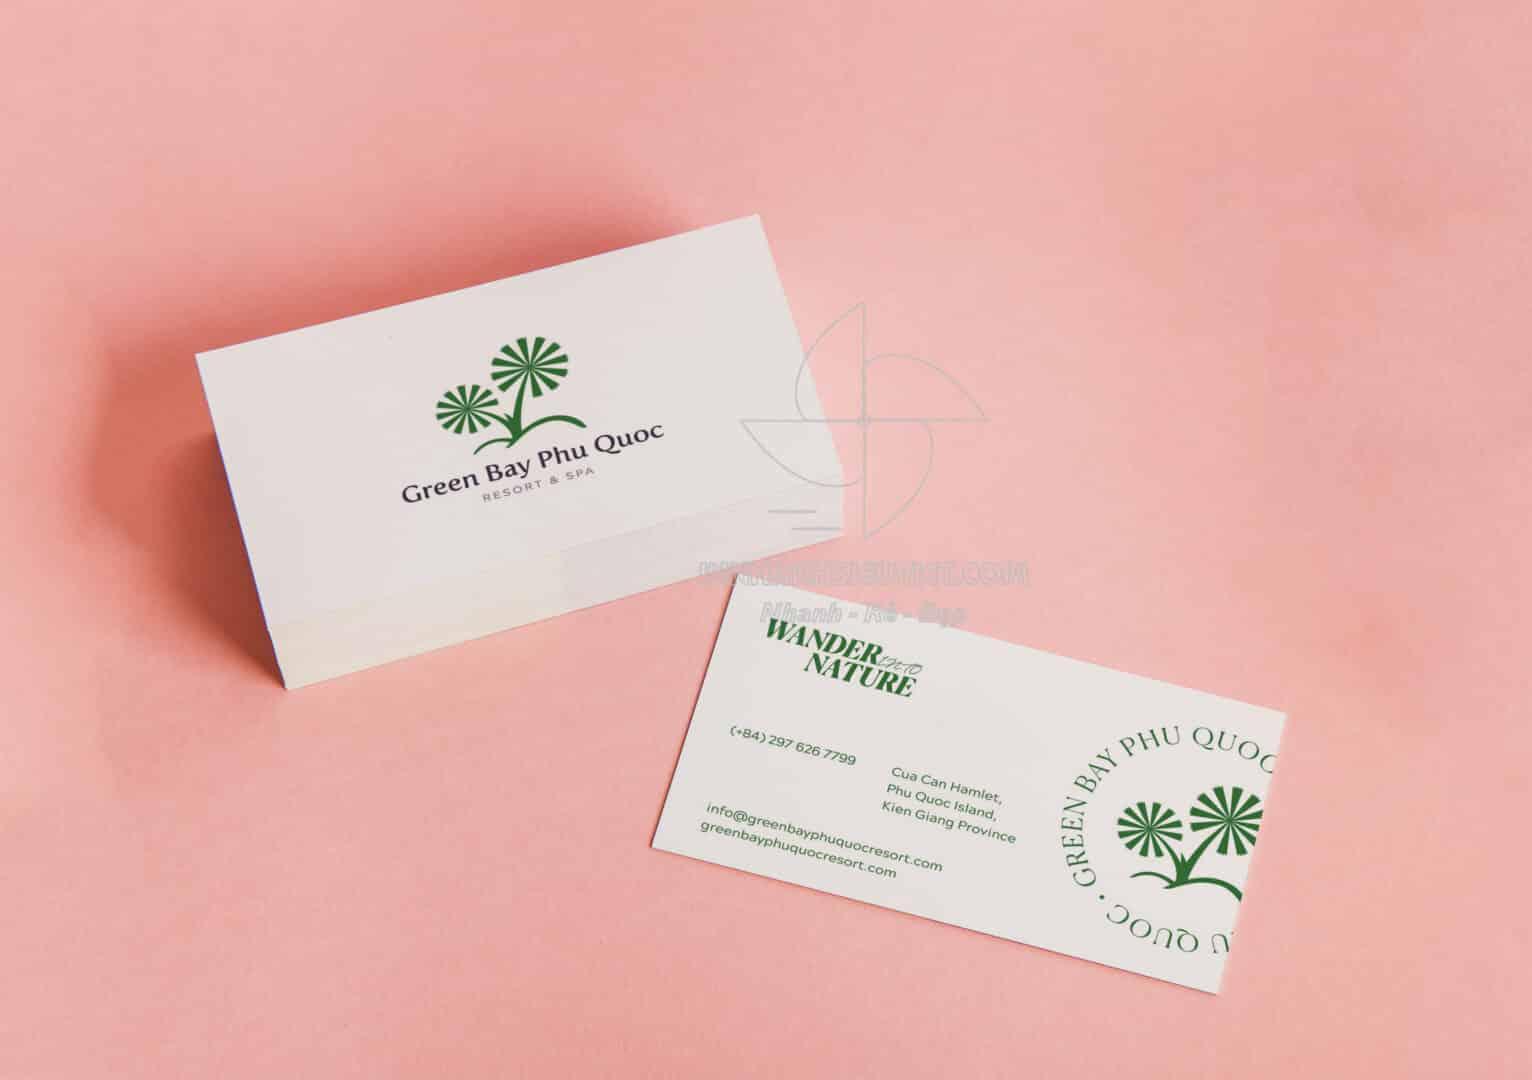 In name card lấy liên Tân Bình